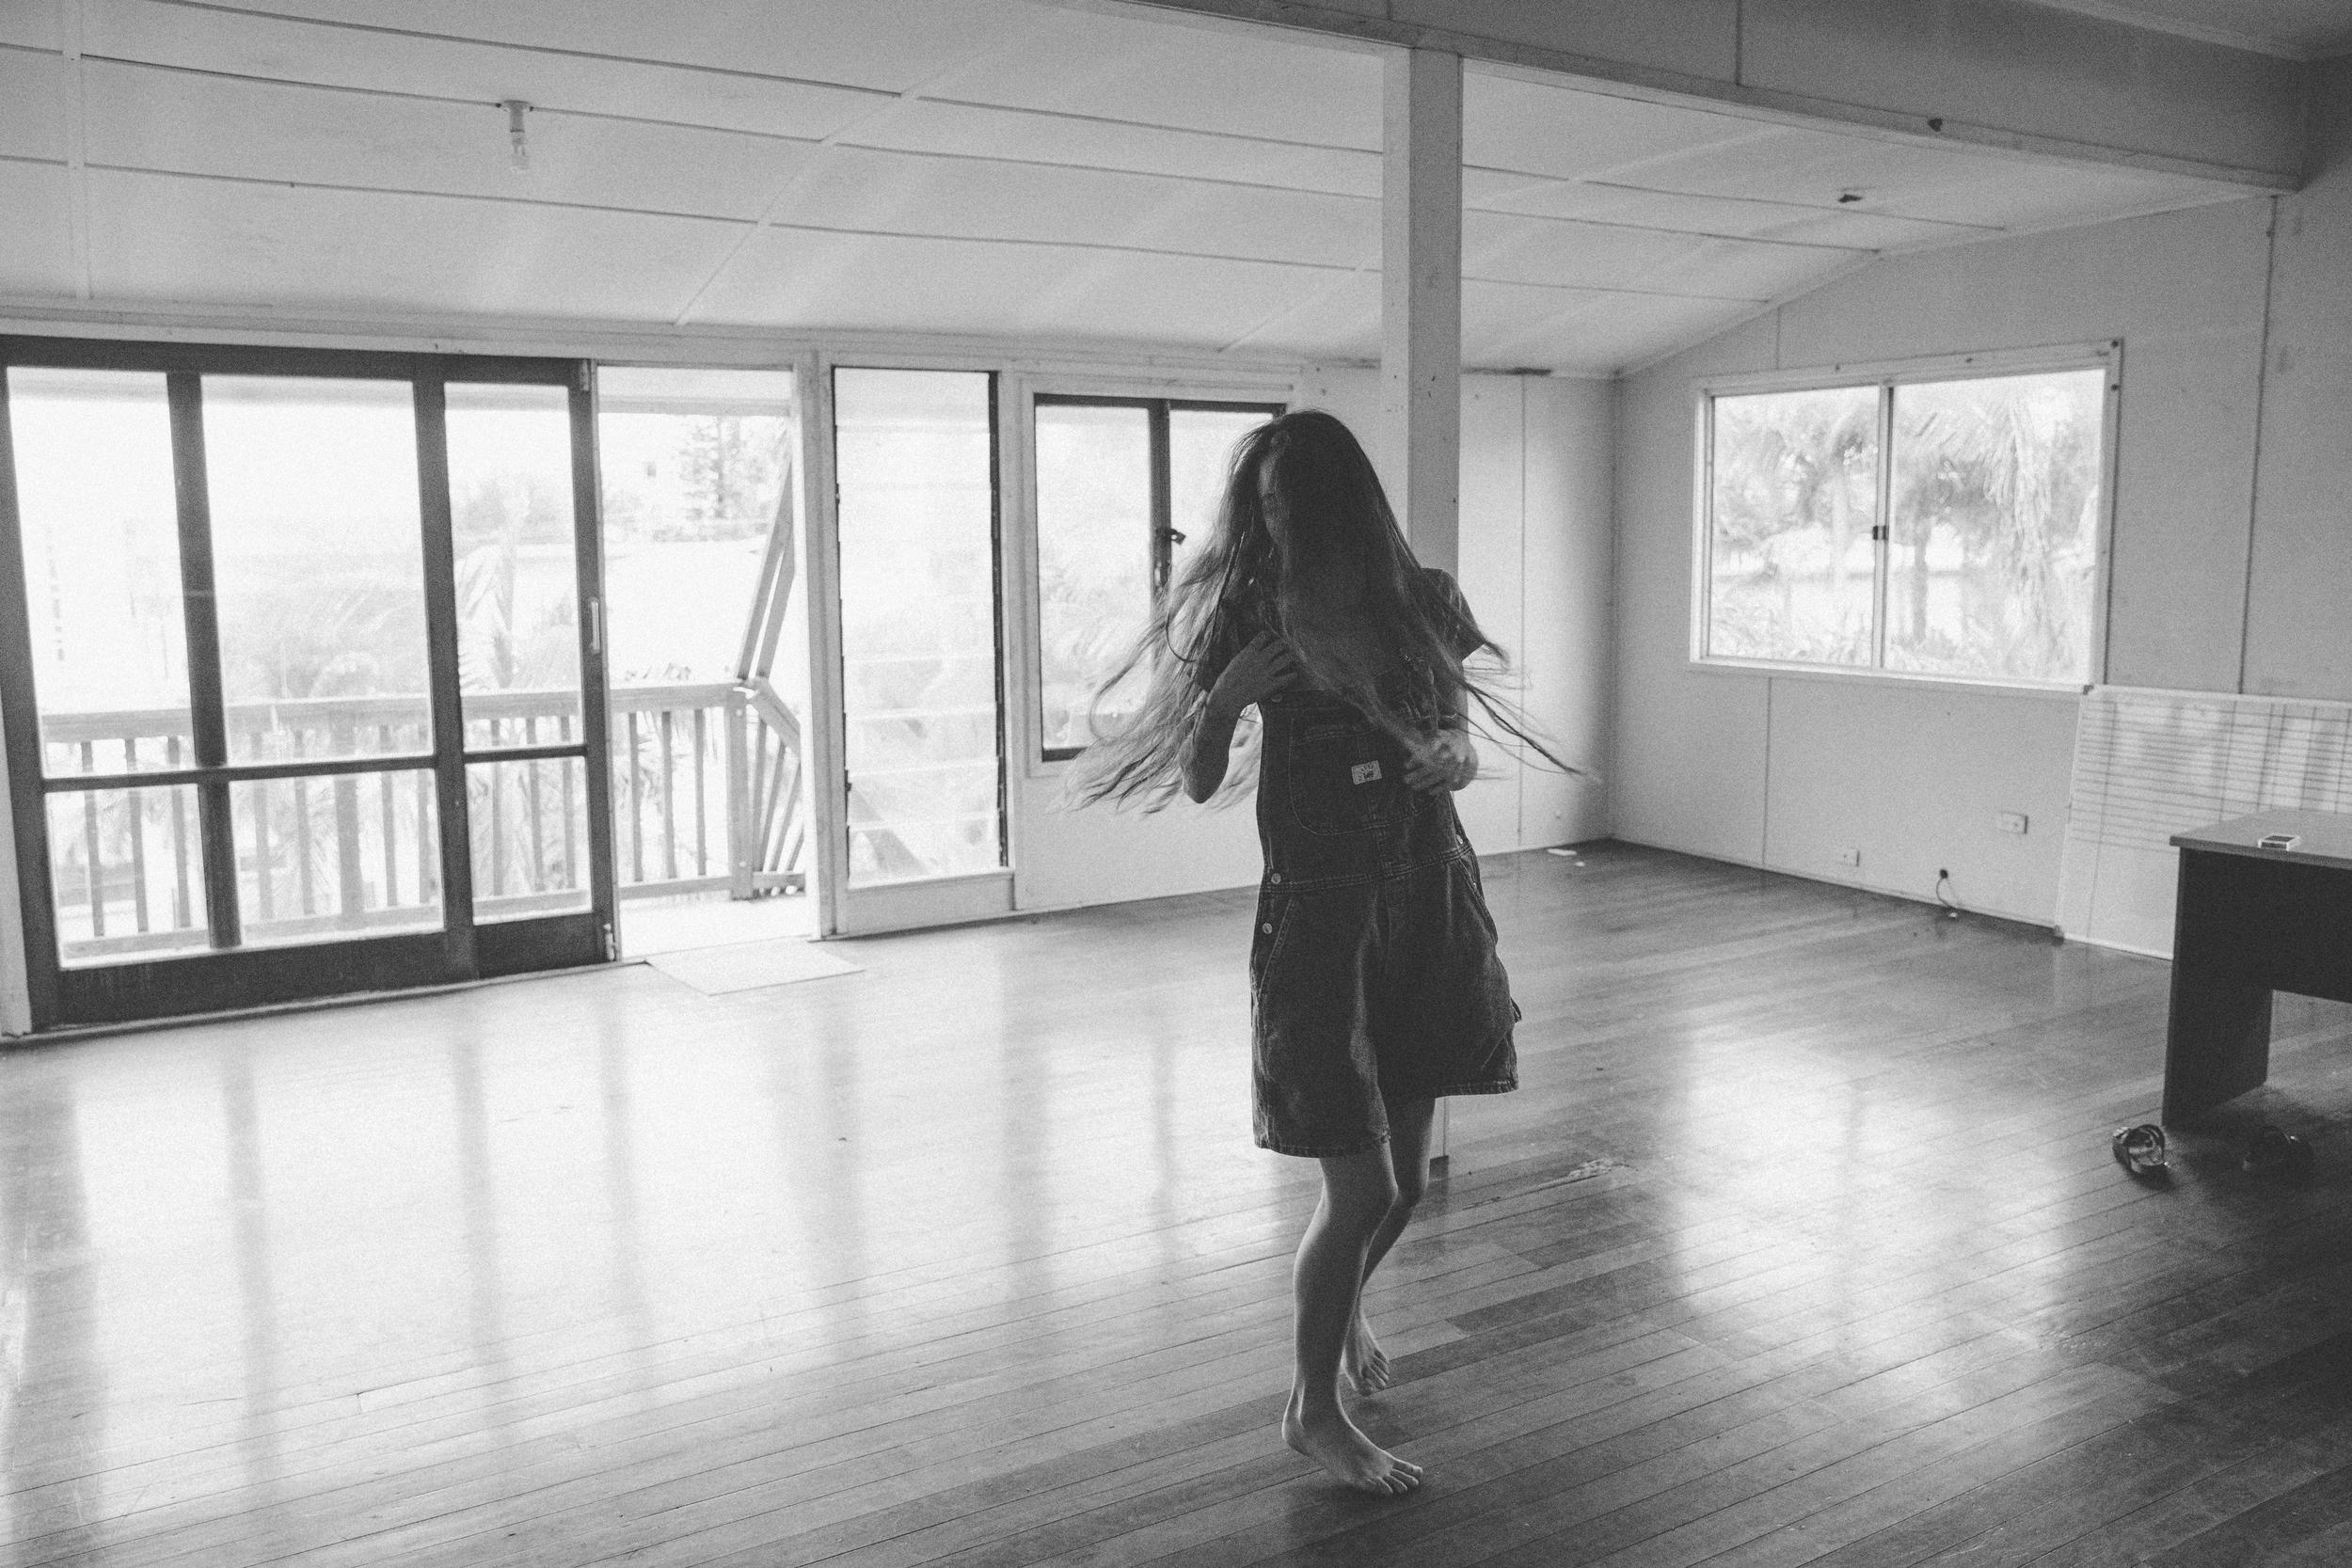 Brooke_AbandonedHouse-102.jpg